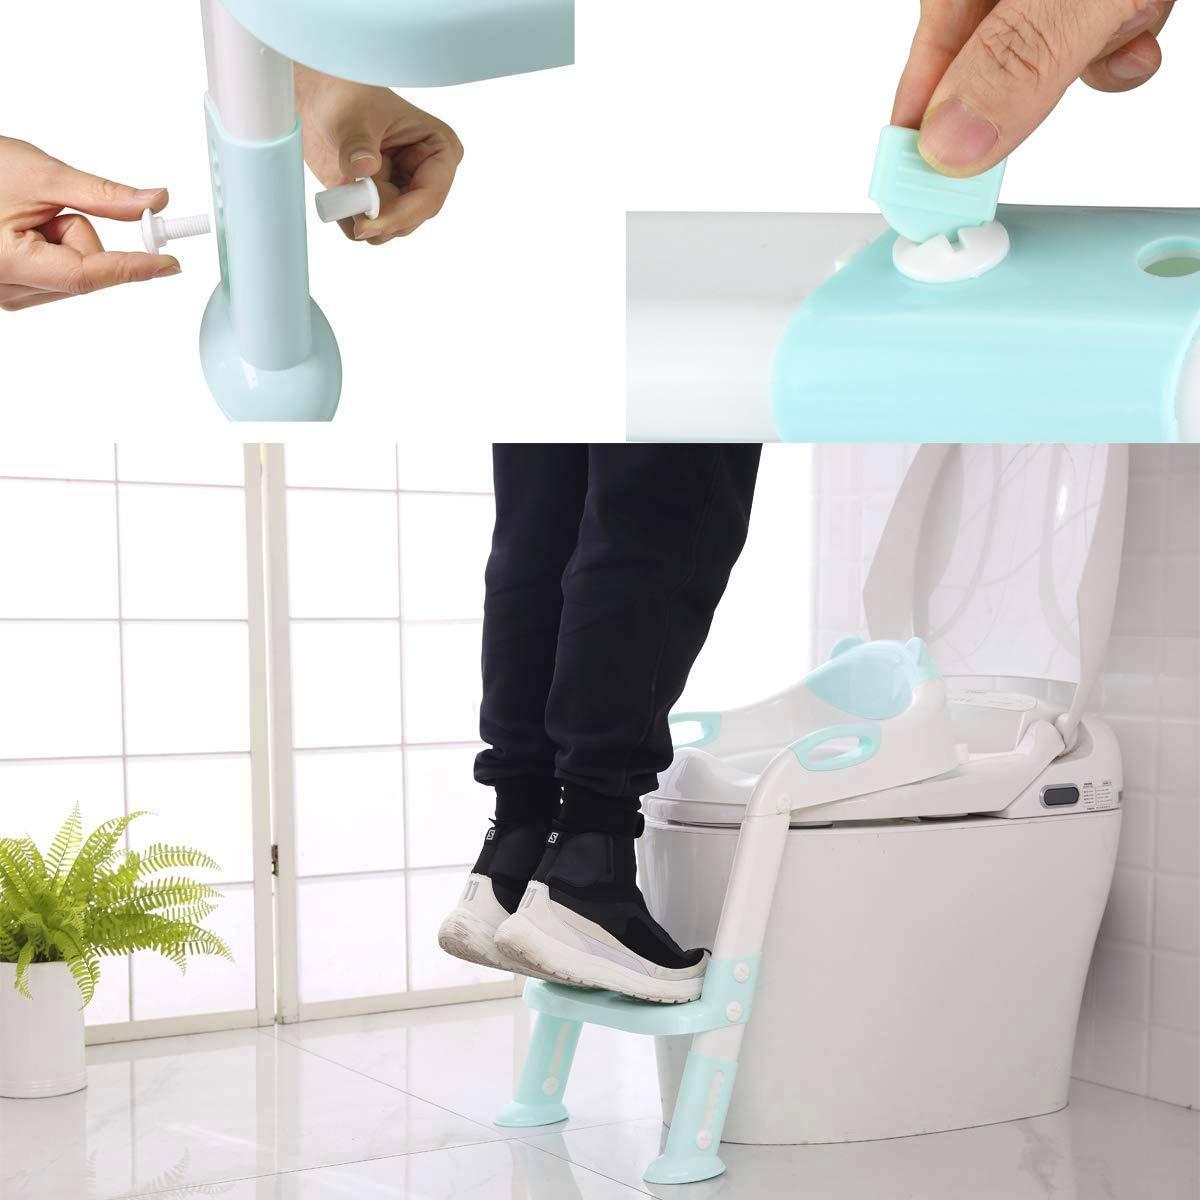 T/öpfchen-Trainingssitz f/ür Kinder blau verstellbarer Toiletten-T/öpfchenstuhl f/ür Kleinkinder mit stabiler rutschfester Tritthockerleiter Einfach zu montierender Toilettensitz f/ür Jungen und M/ädchen